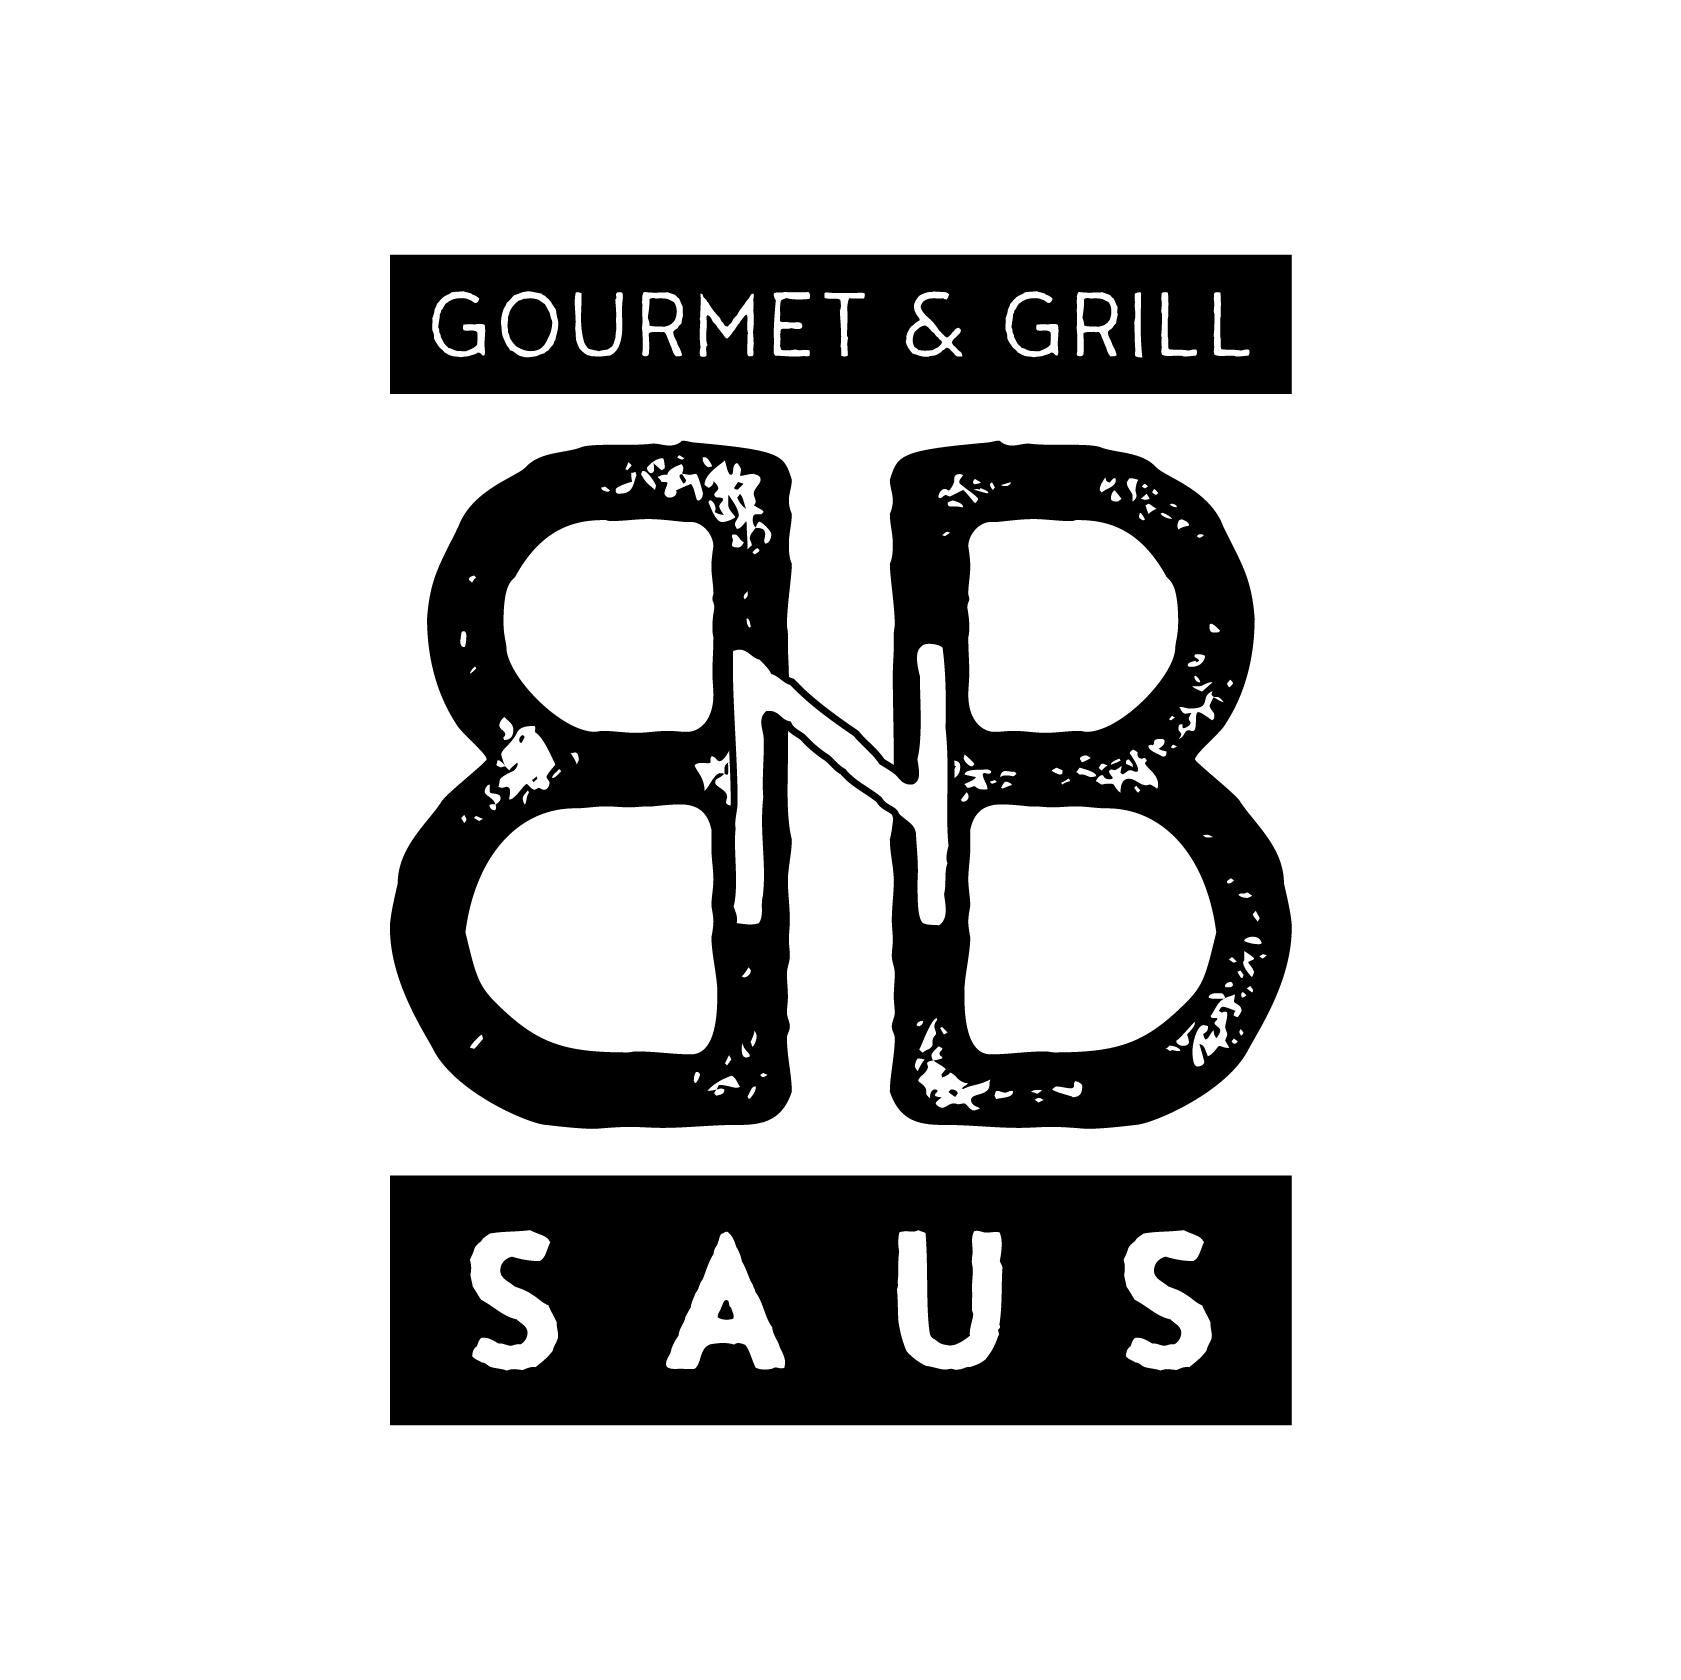 BNBSaus Logos_Primary Logo - Black_large.jpg